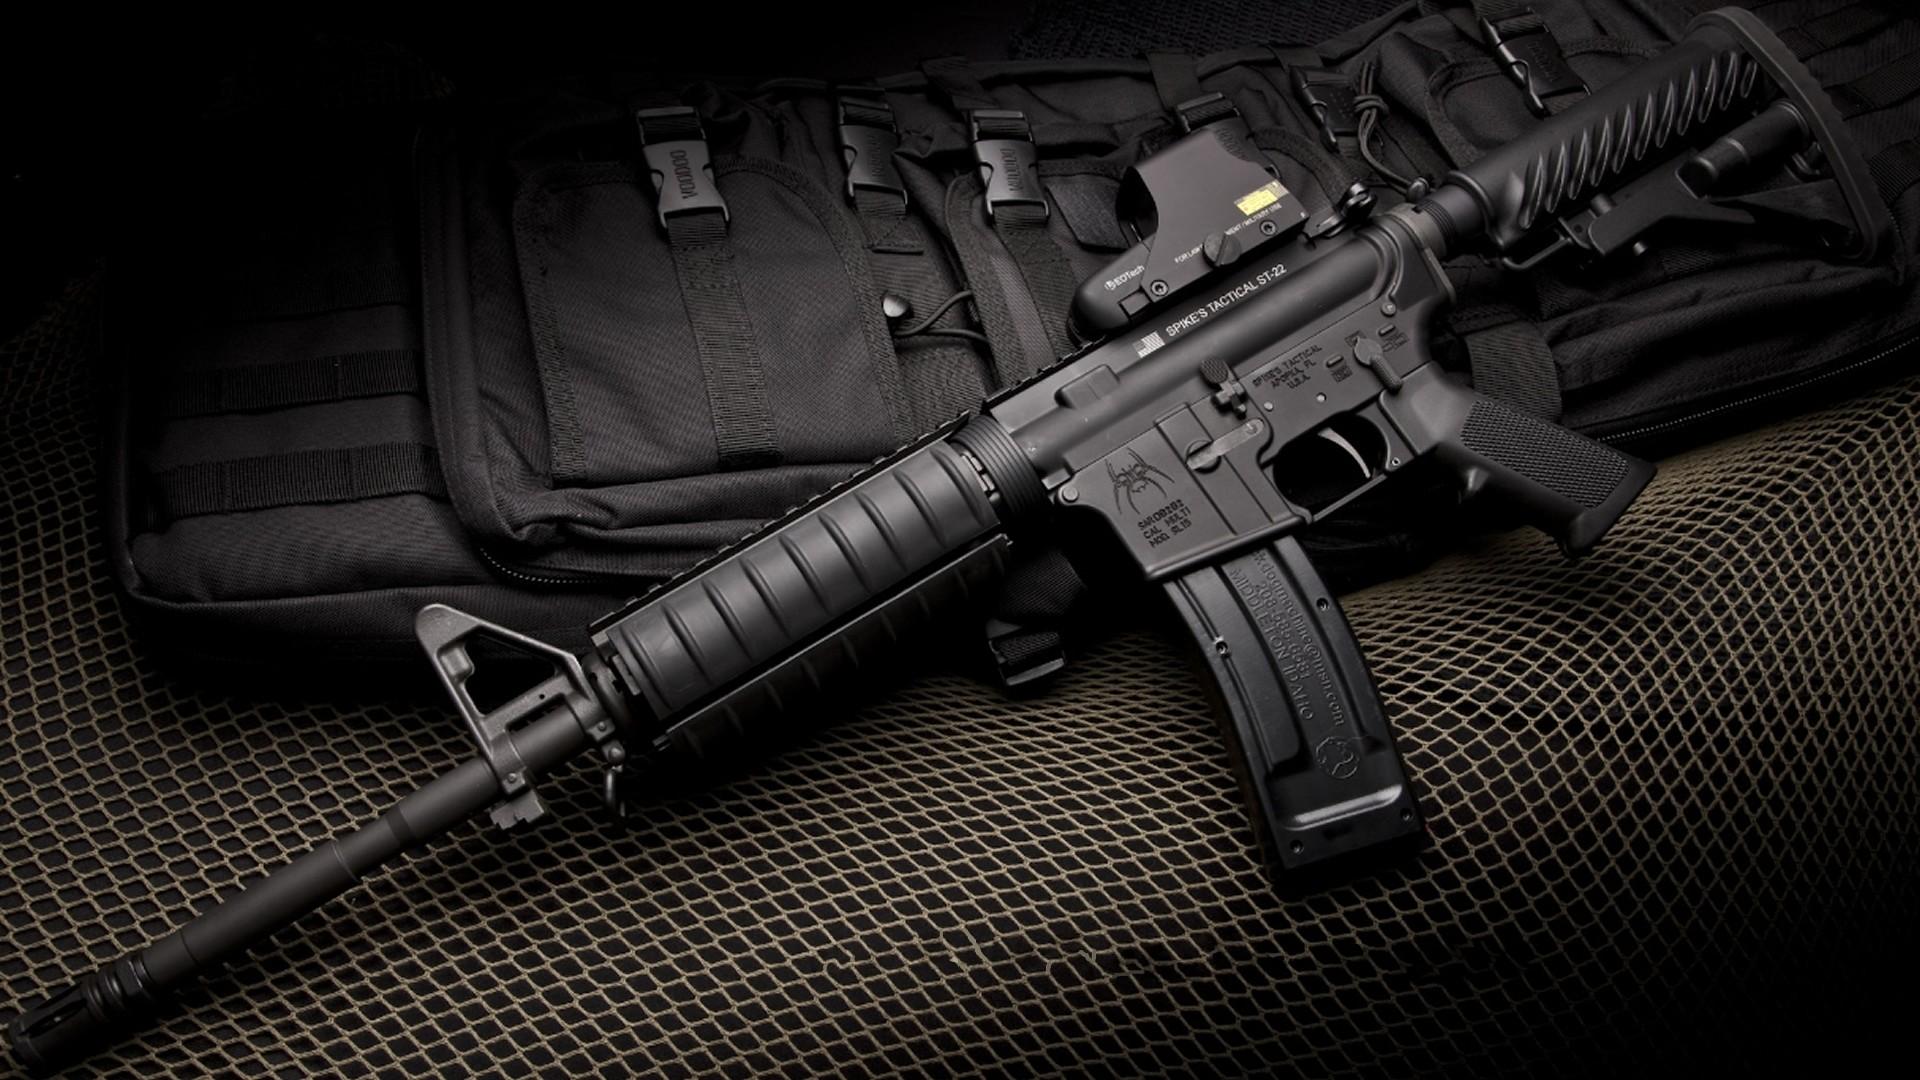 3d guns wallpaper (61+ images)